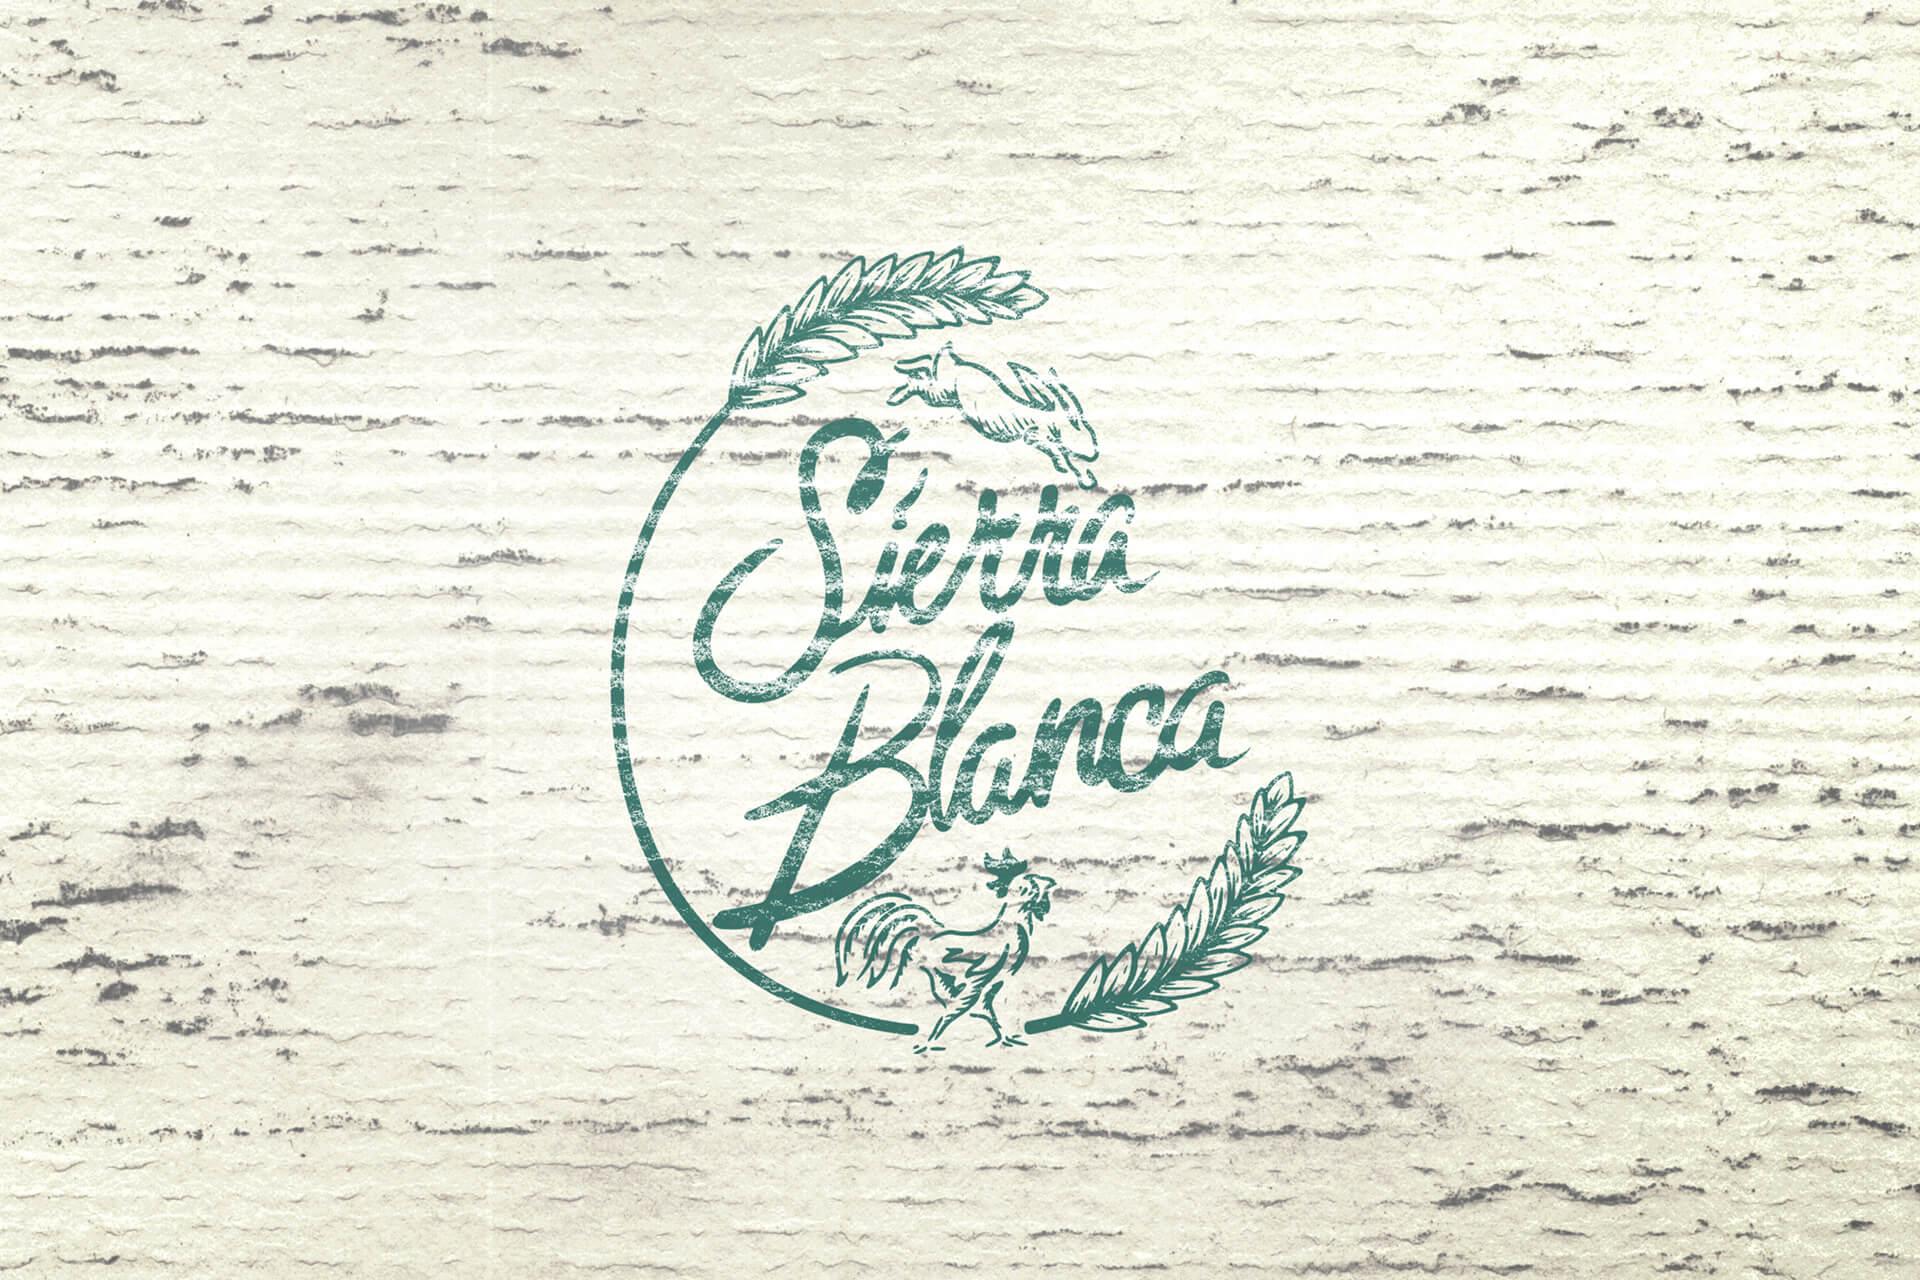 Sierra Blanca 10